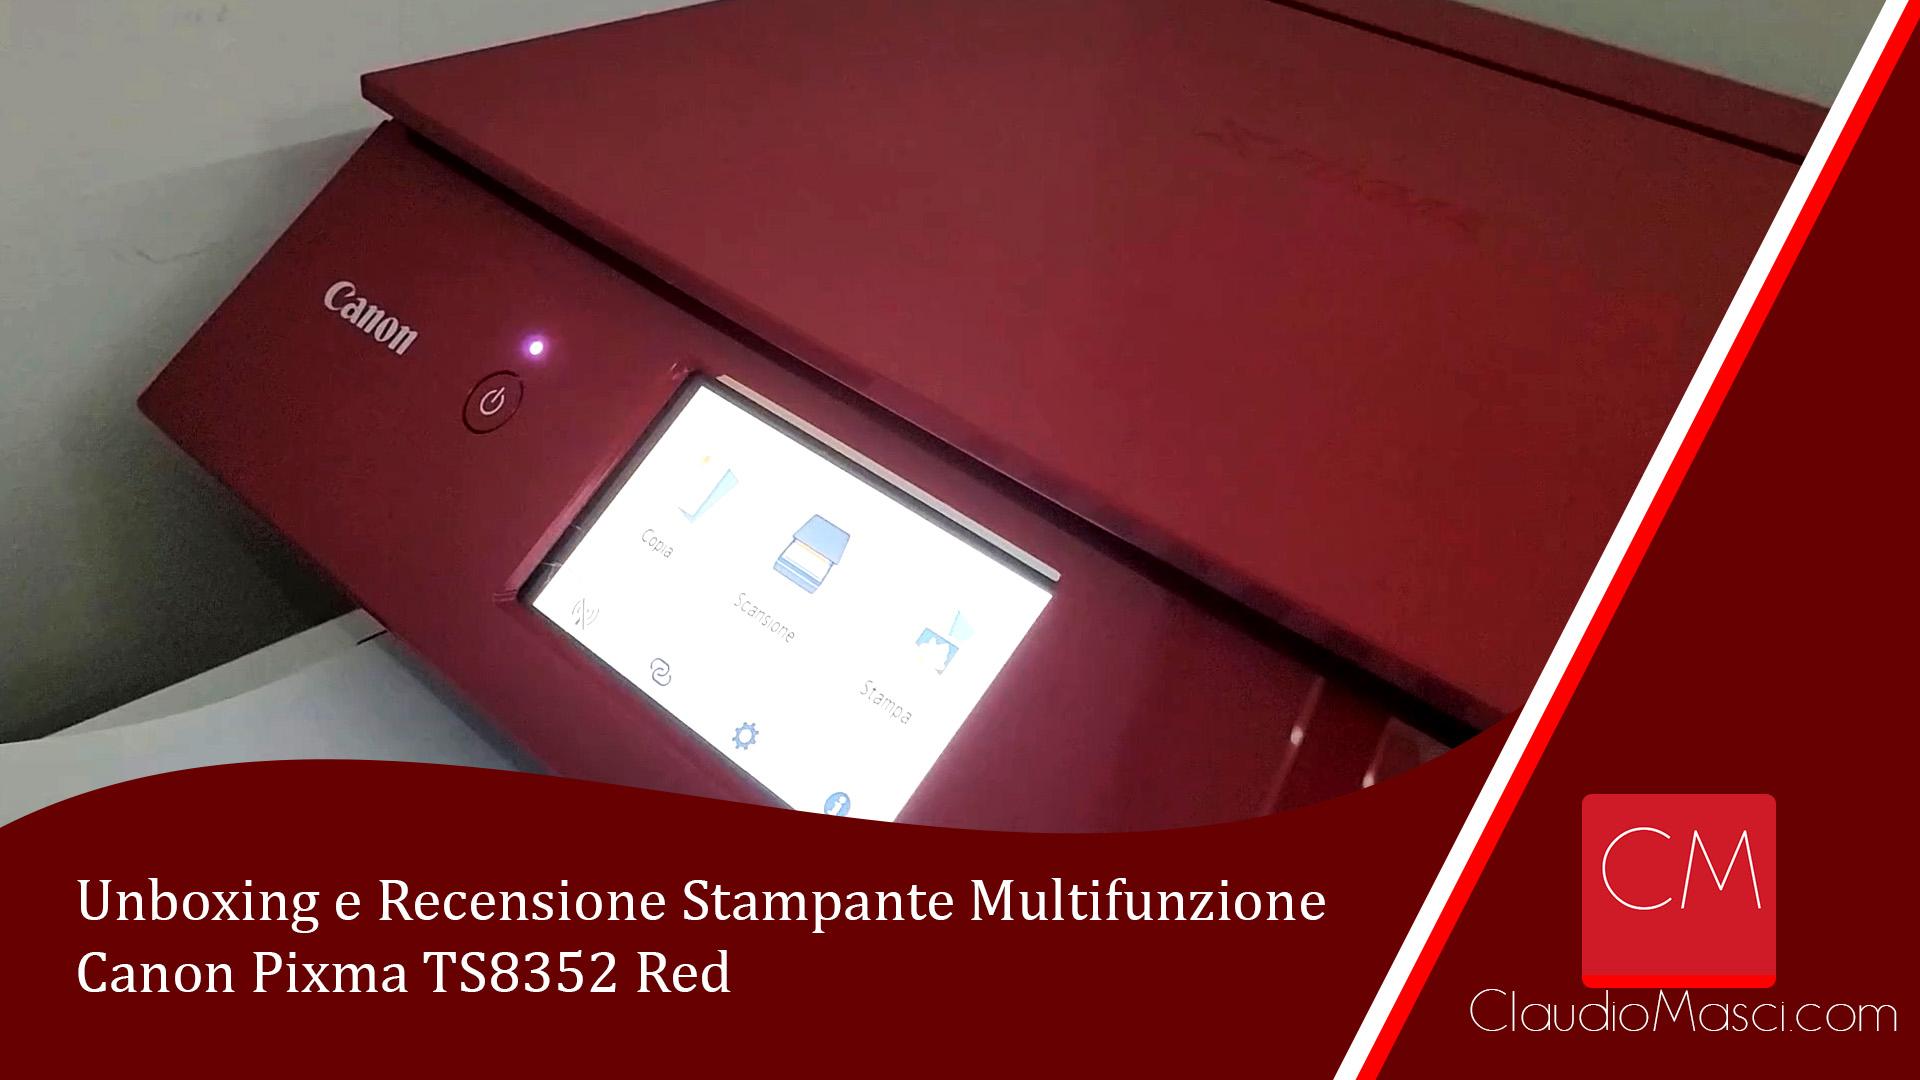 Unboxing e Recensione Stampante Canon Pixma TS8352 Red